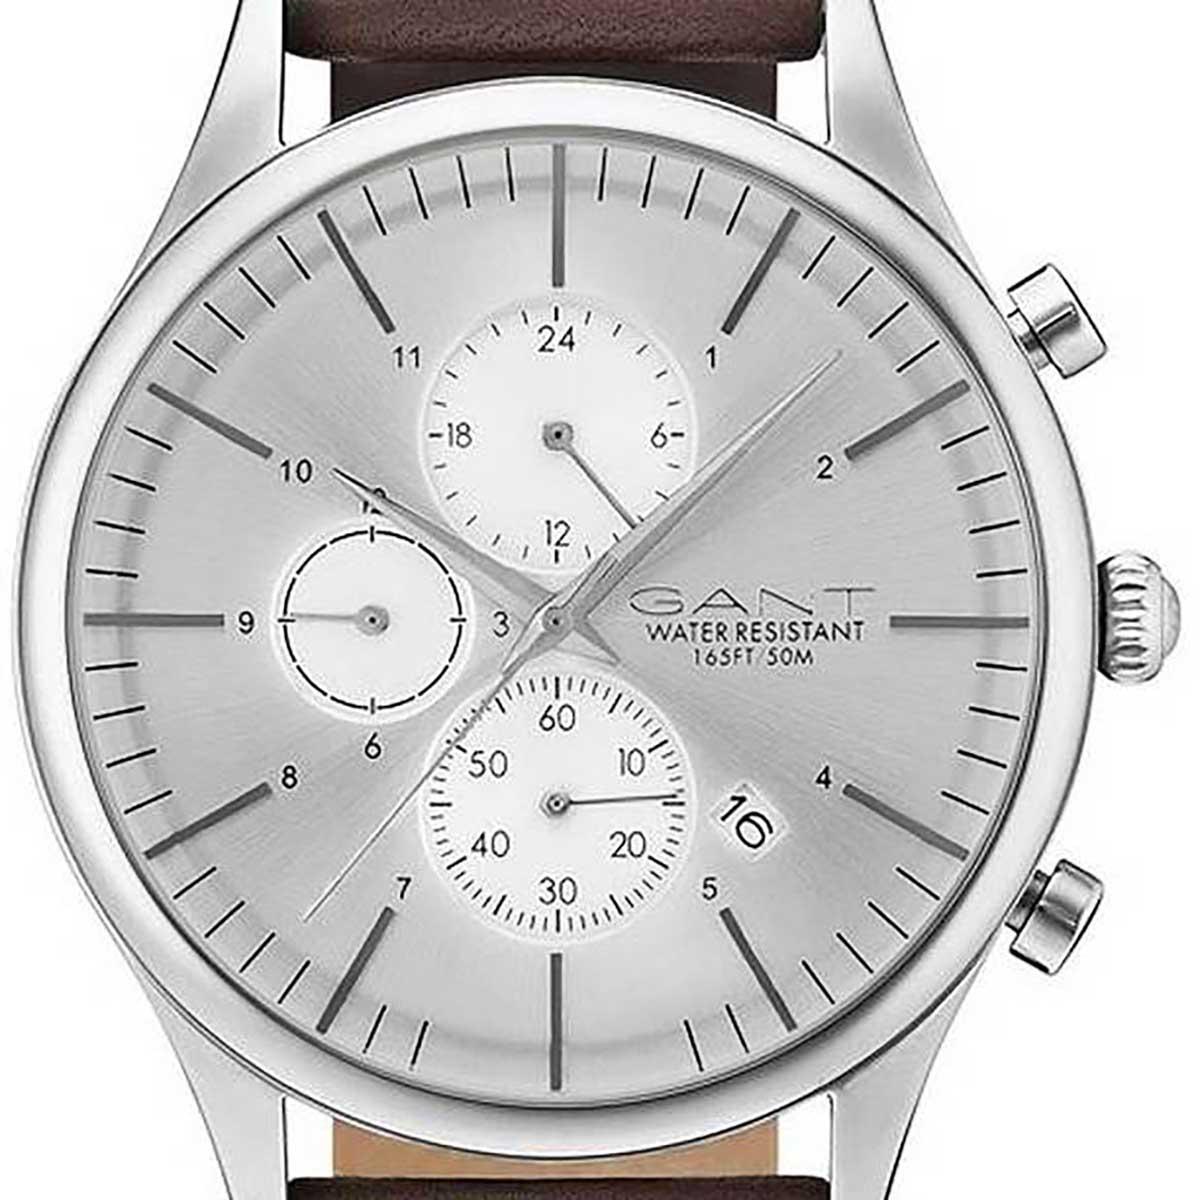 GANT ガント 電池式クォーツ 腕時計 [GT030005] 並行輸入品 カレンダー セカンド・タイム